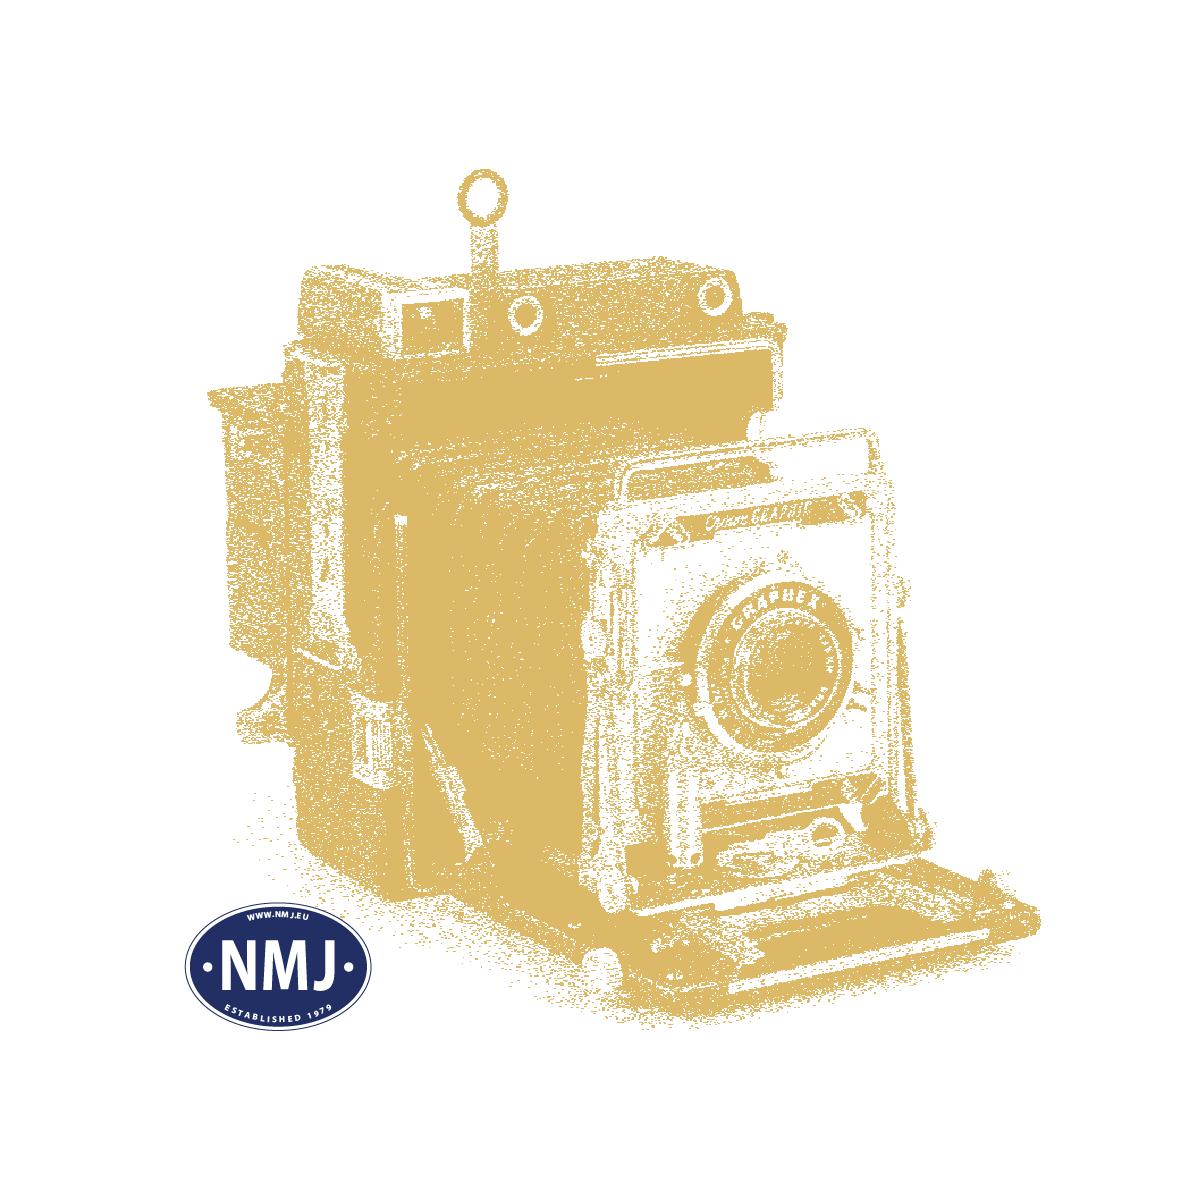 NMJS L4 50468 - NMJ Superline NSB L4 50468, m/ Bremseplattform